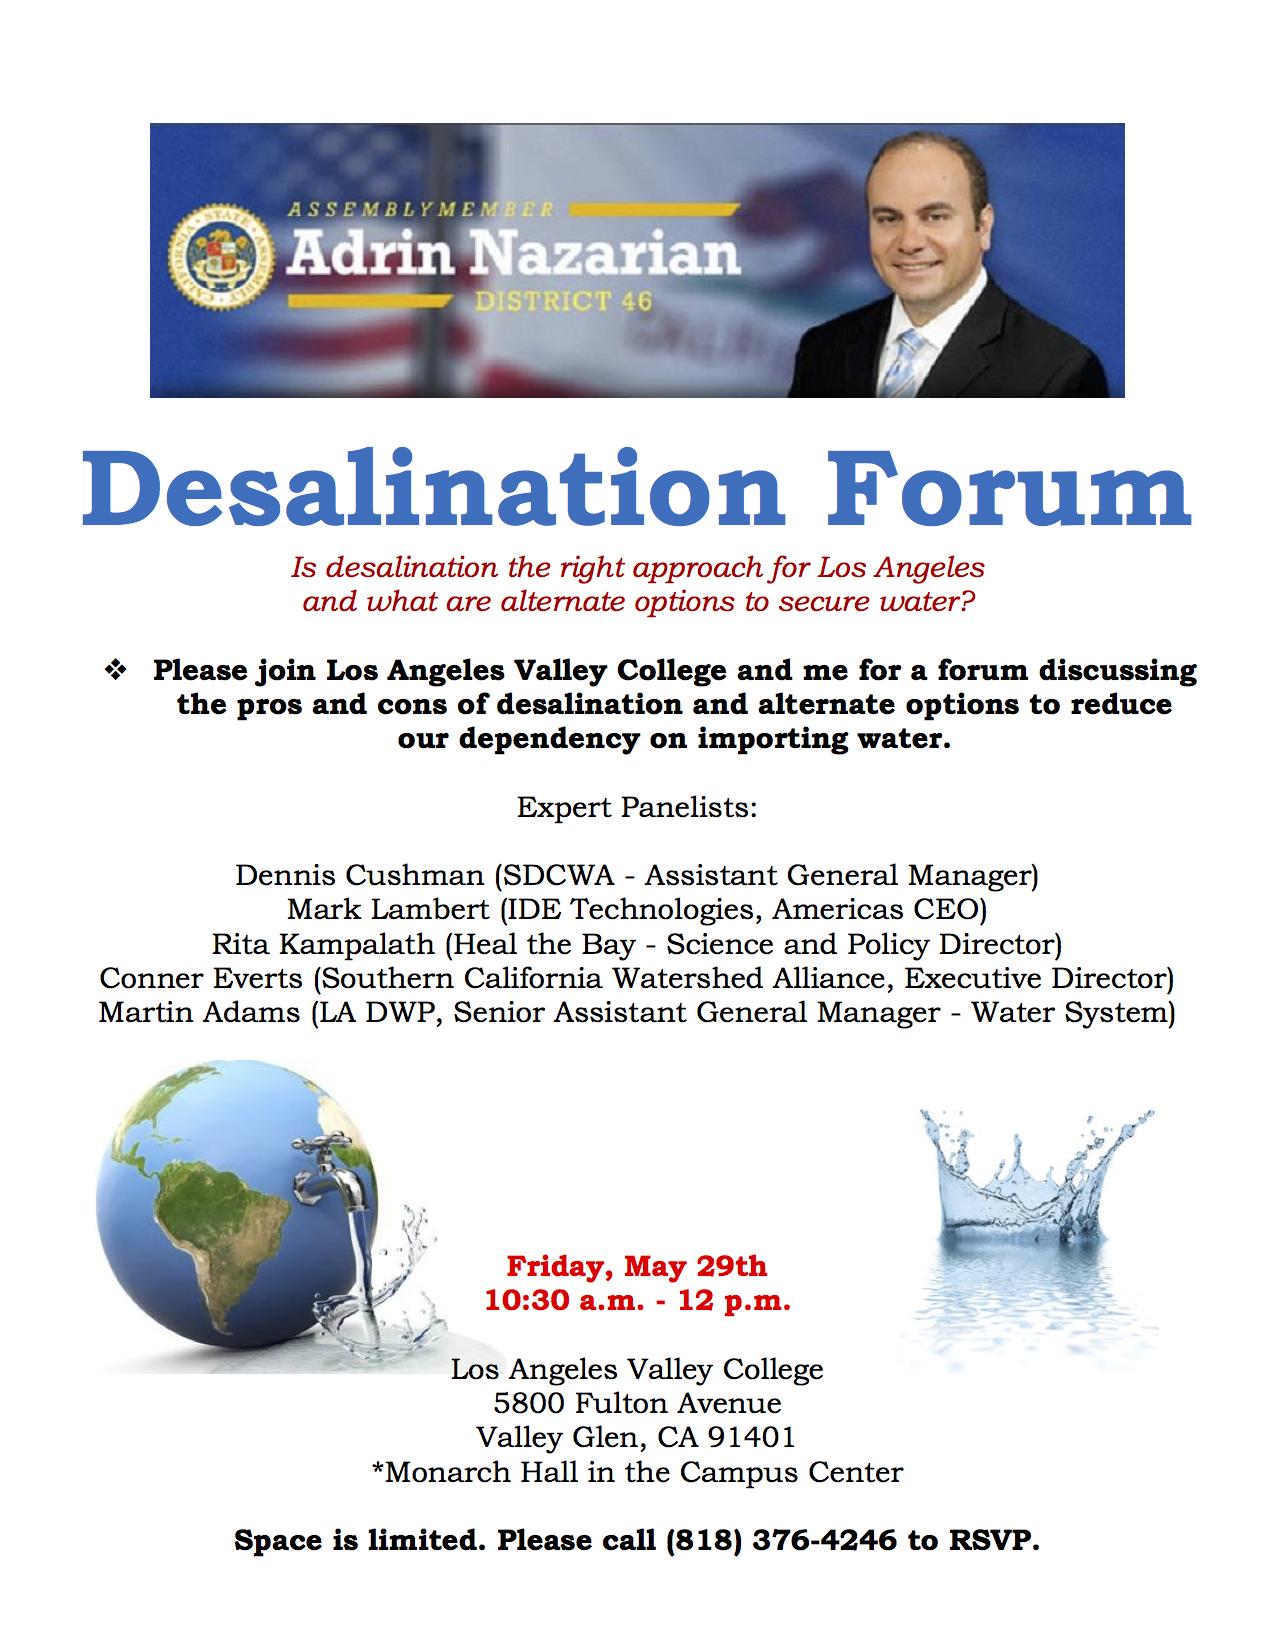 Desalination Forum Flyer (2)